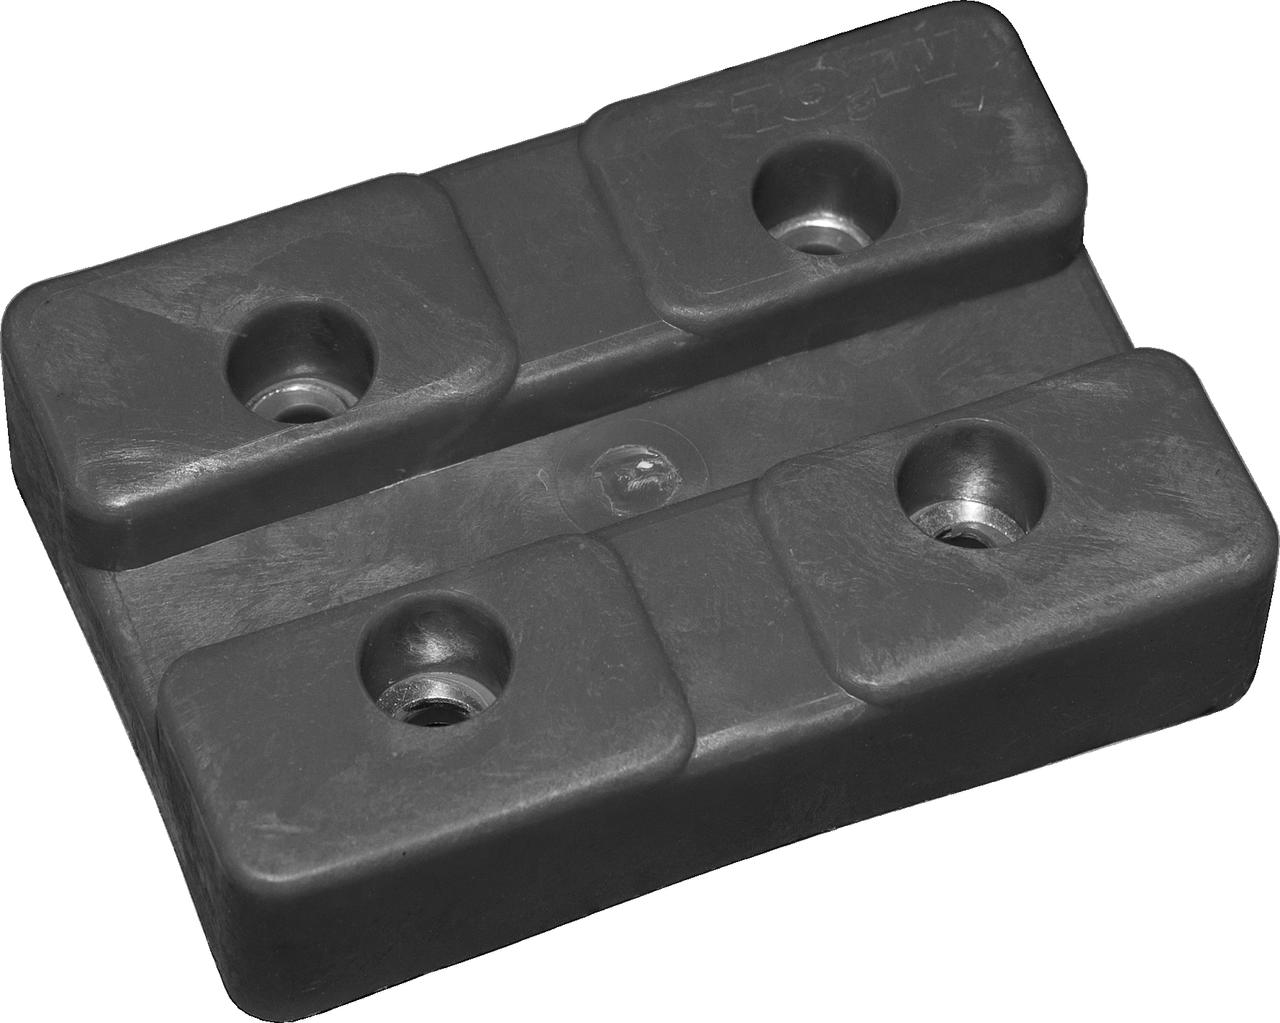 Подушка прямоугольная подъёмника автомобильного гидравлического - ToolGrand - автосервисное оборудование и инструмент в Харькове